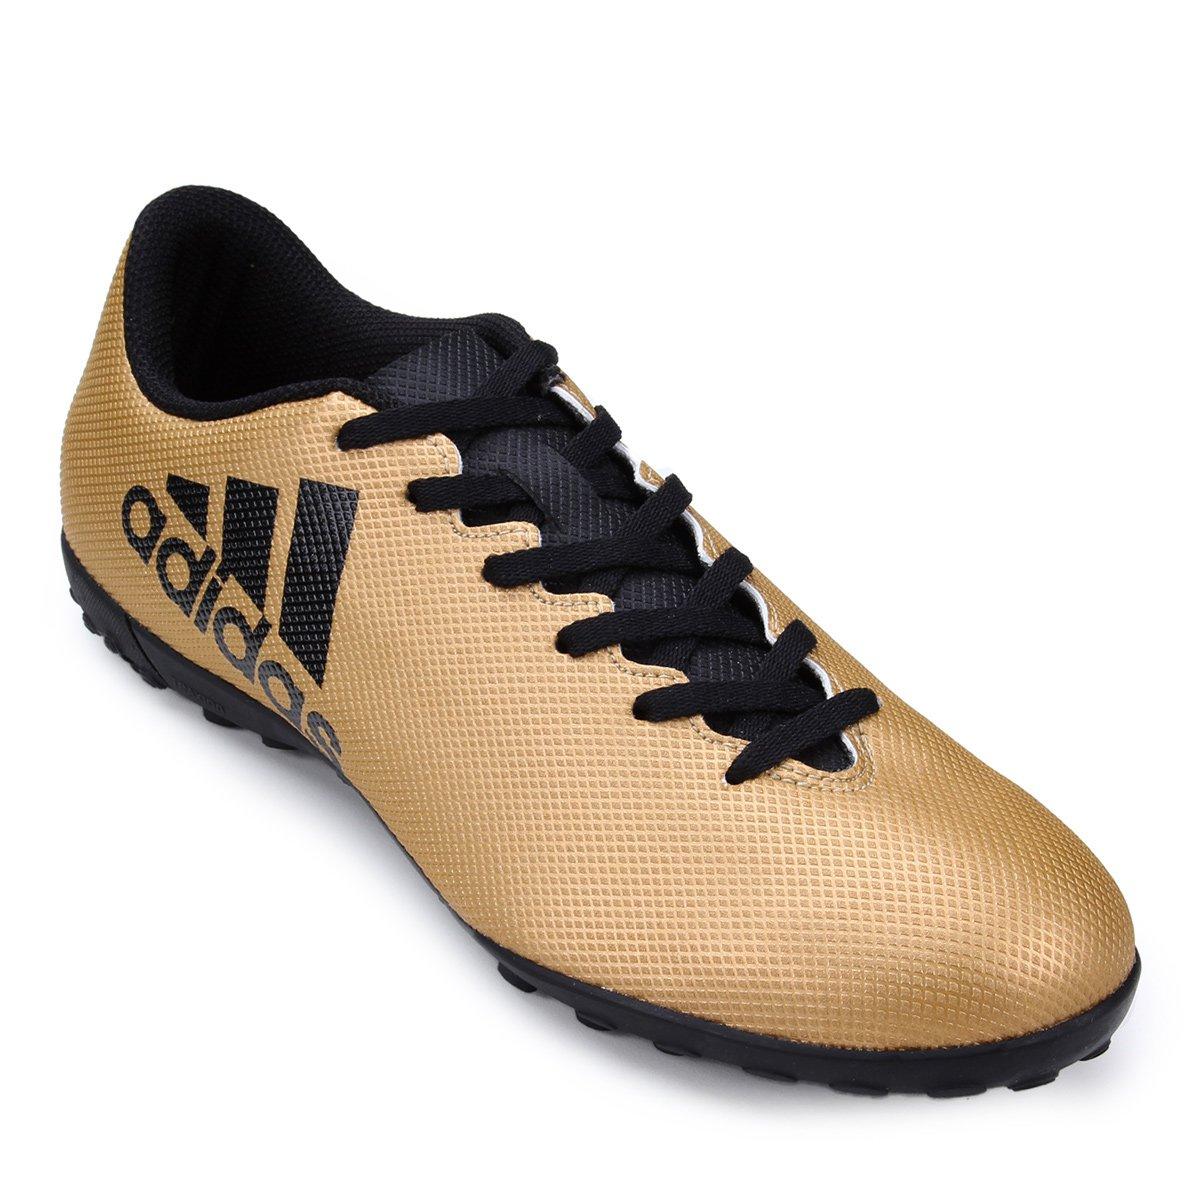 2e85afffaf Chuteira Society Adidas X 17 4 TF - Dourado - Compre Agora